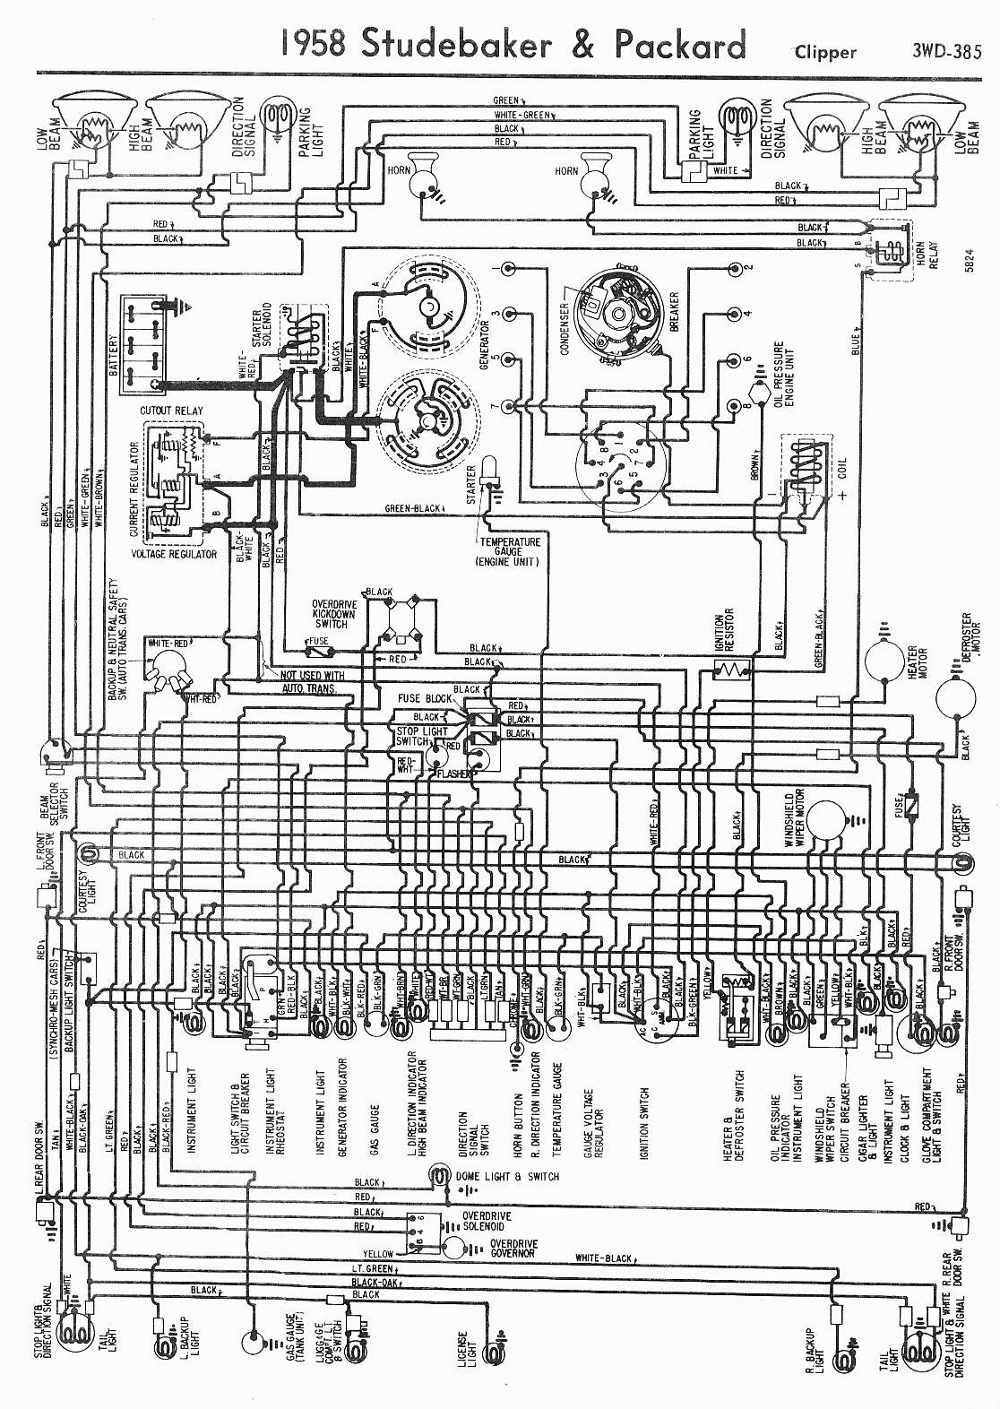 hight resolution of 1950 packard wiring diagram wiring diagram for you rh 7 4 carrera rennwelt de 1952 packard 1948 packard